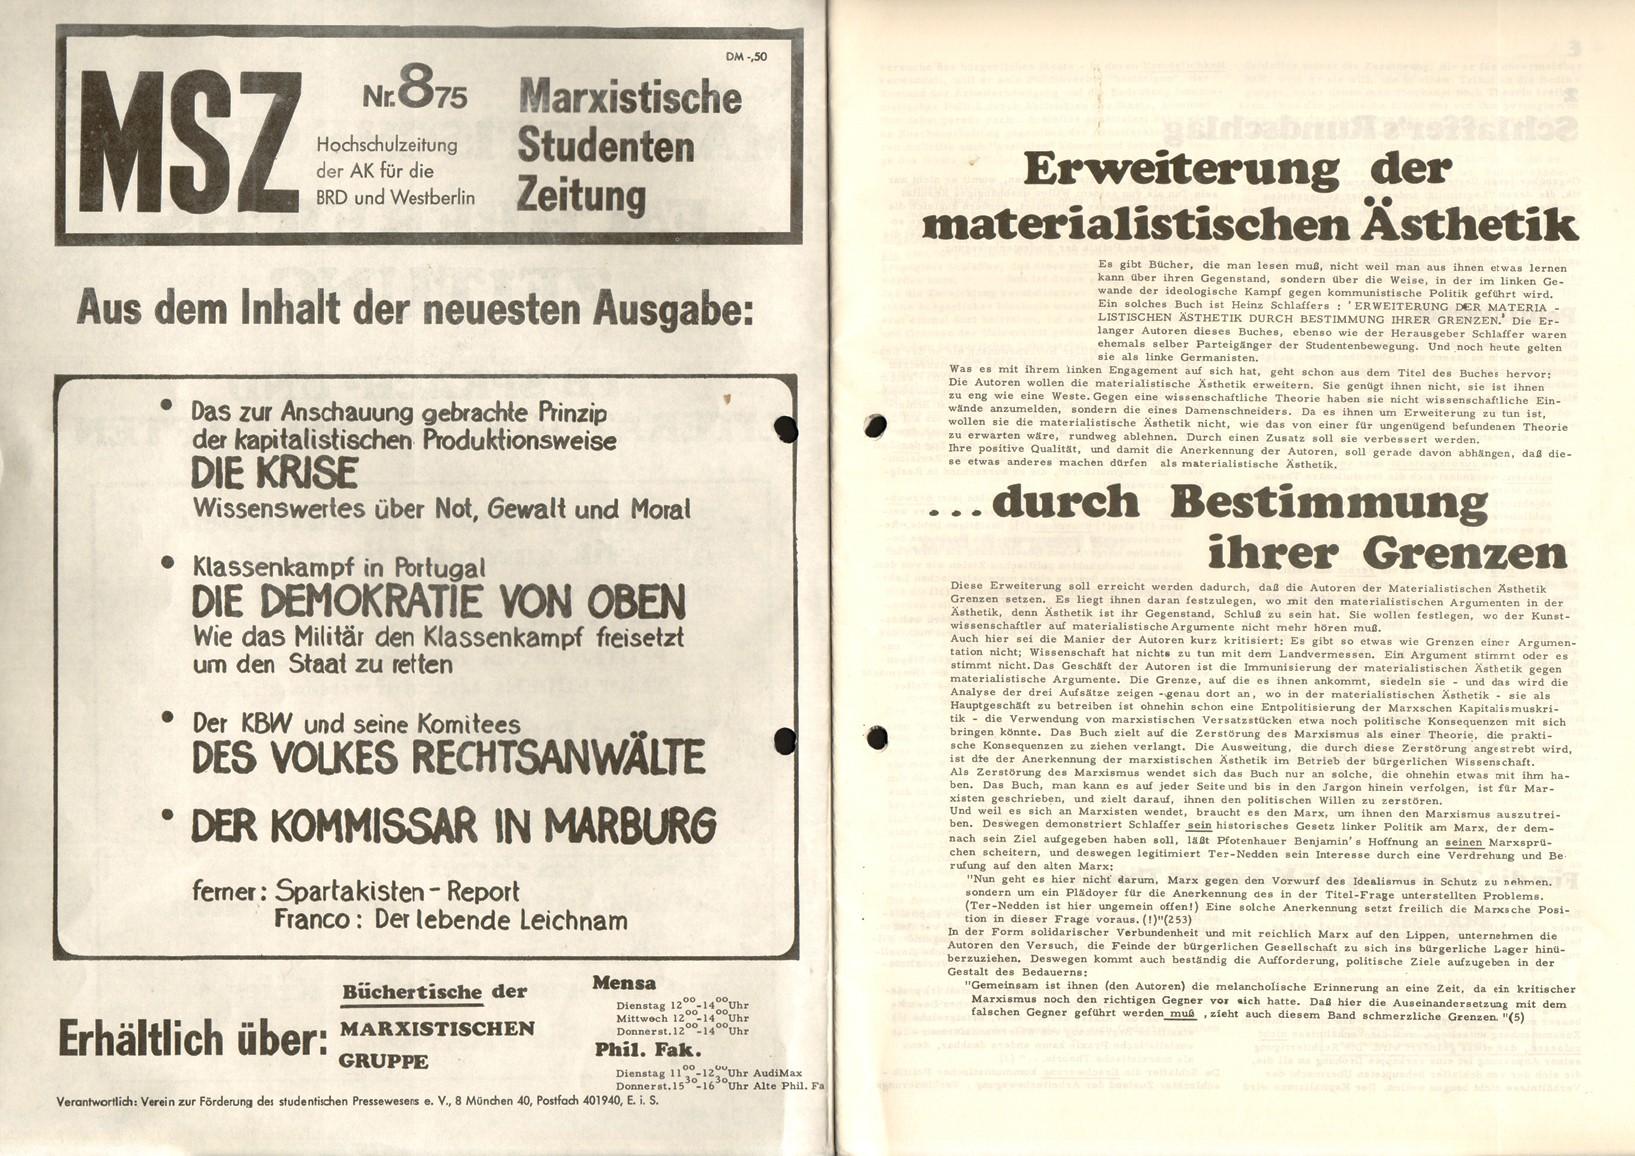 Muenchen_MG_FB_Sprach_Literaturwissenschaften_19751200_02